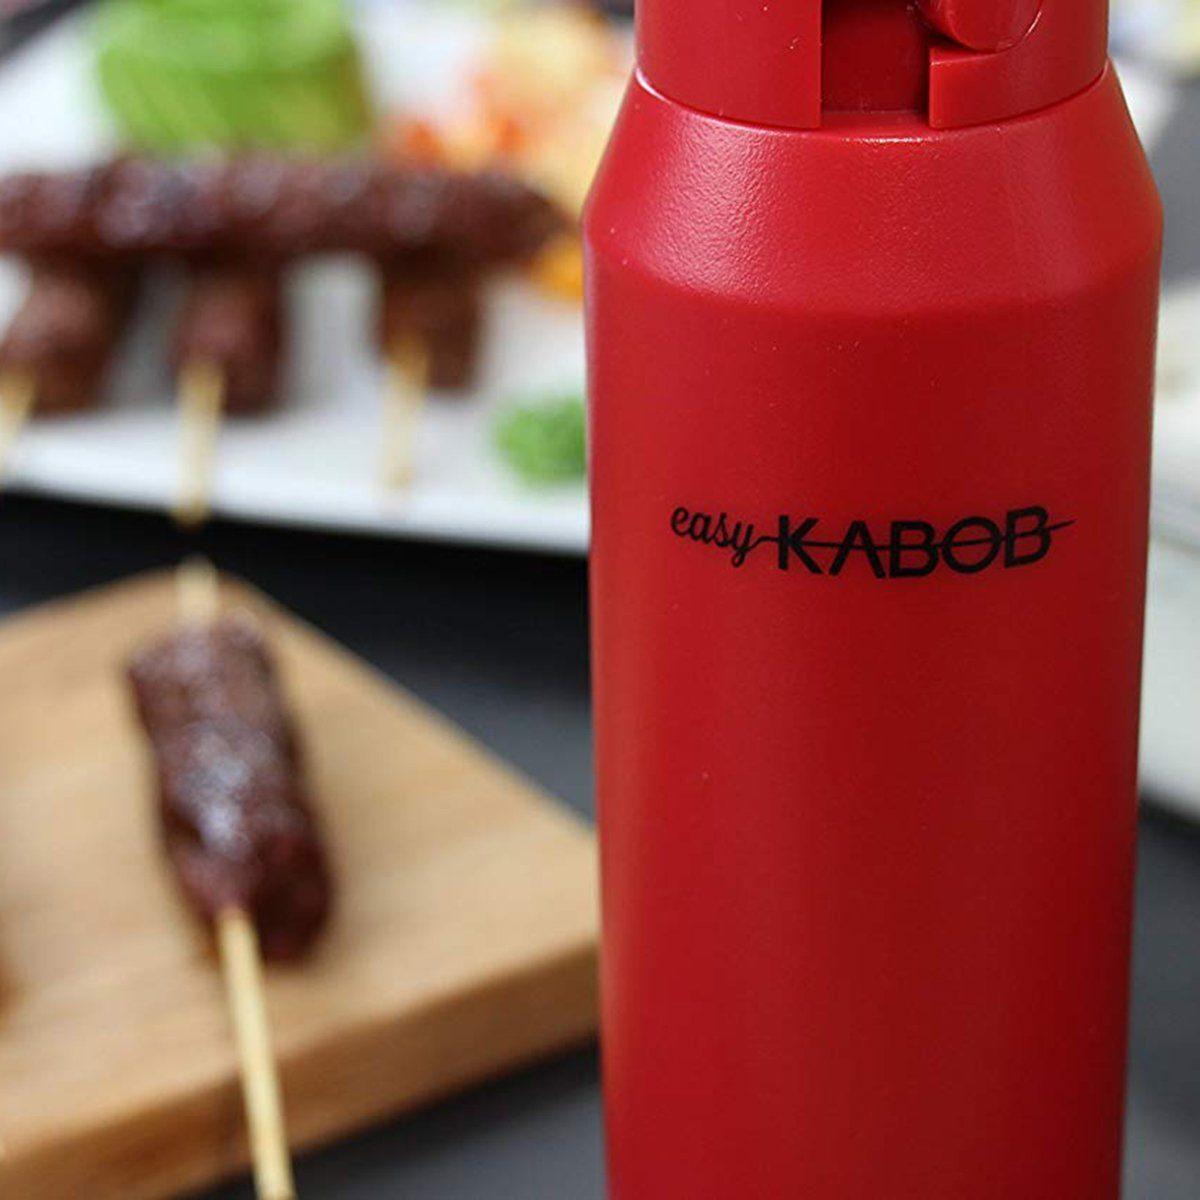 Easy Kabob